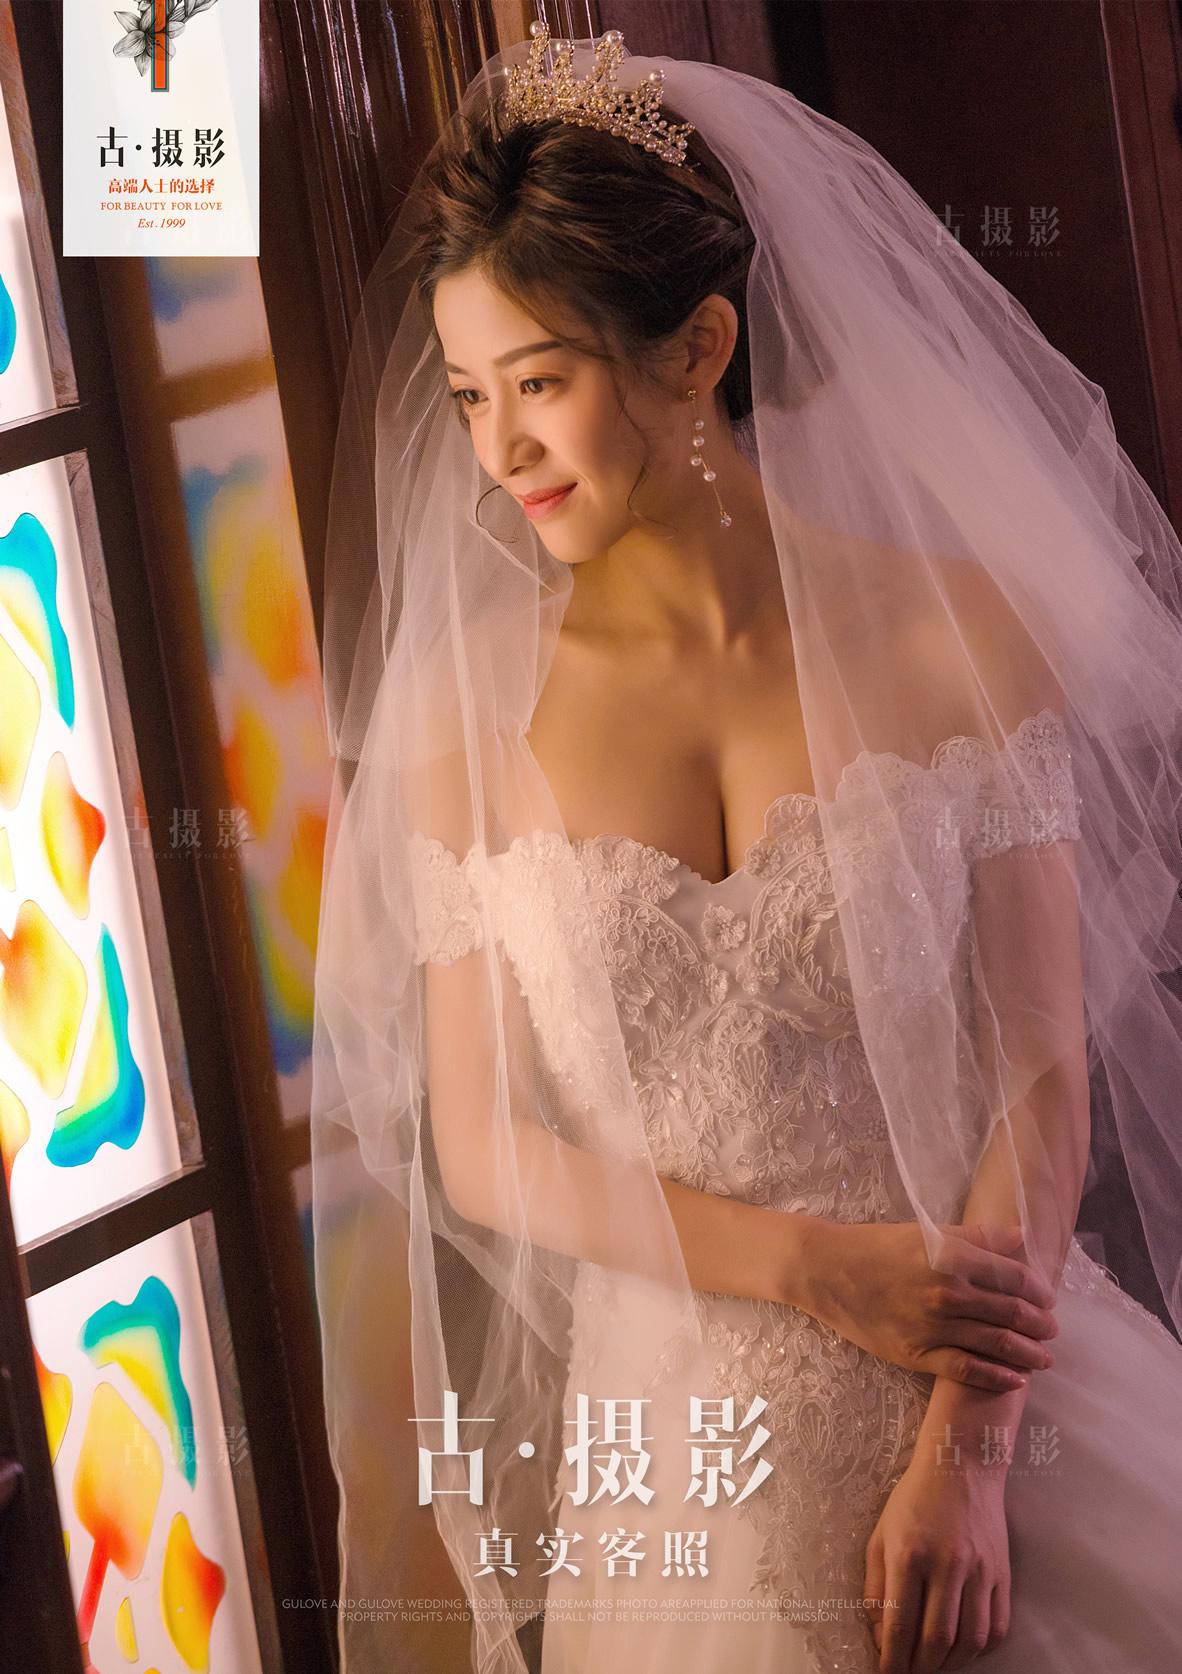 5月20日客片魏先生 张小姐 - 每日客照 - 广州婚纱摄影-广州古摄影官网